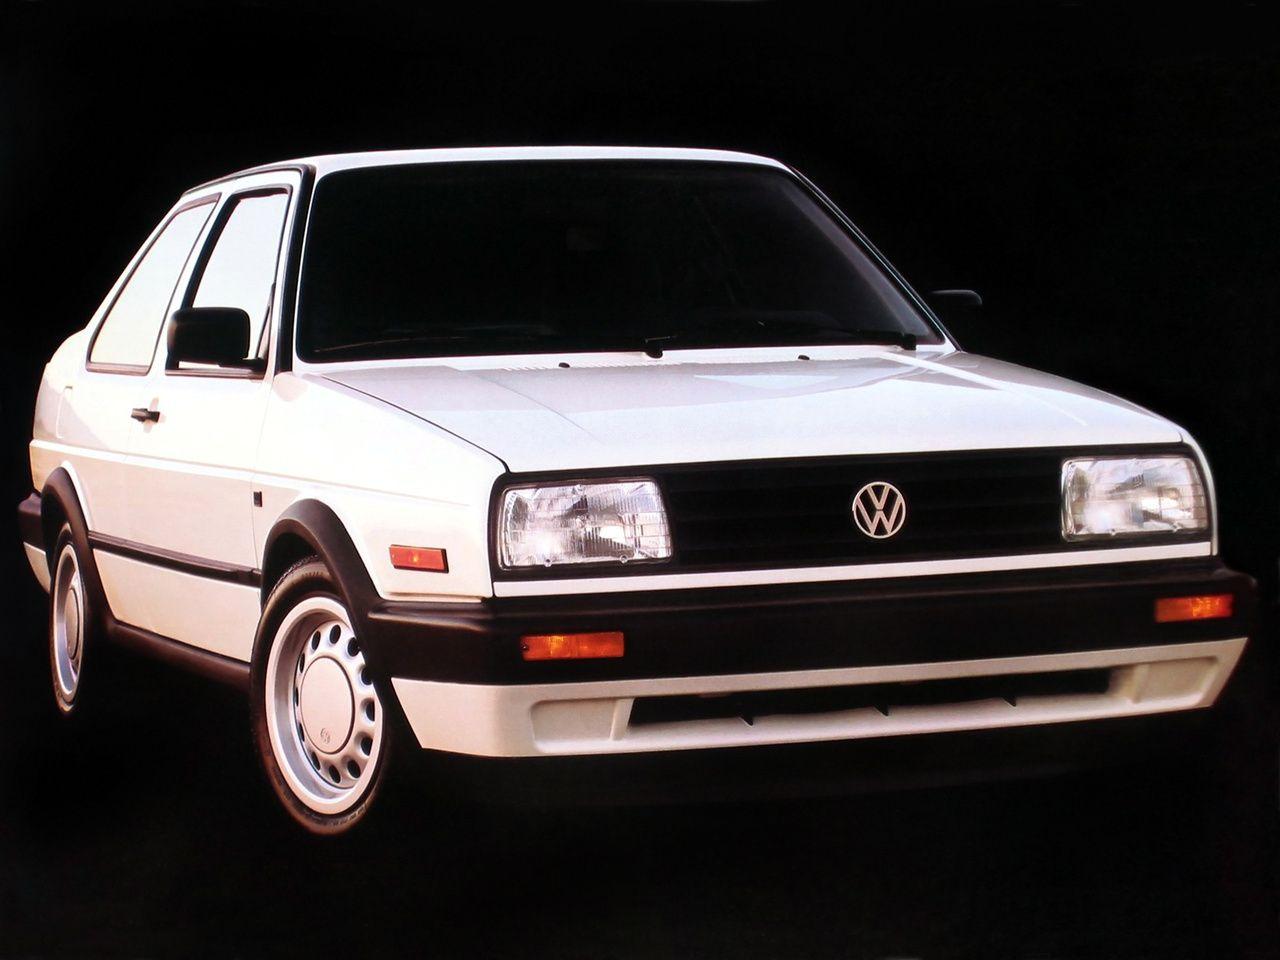 Volkswagen jetta 2 door us spec typ 1g 1989 92